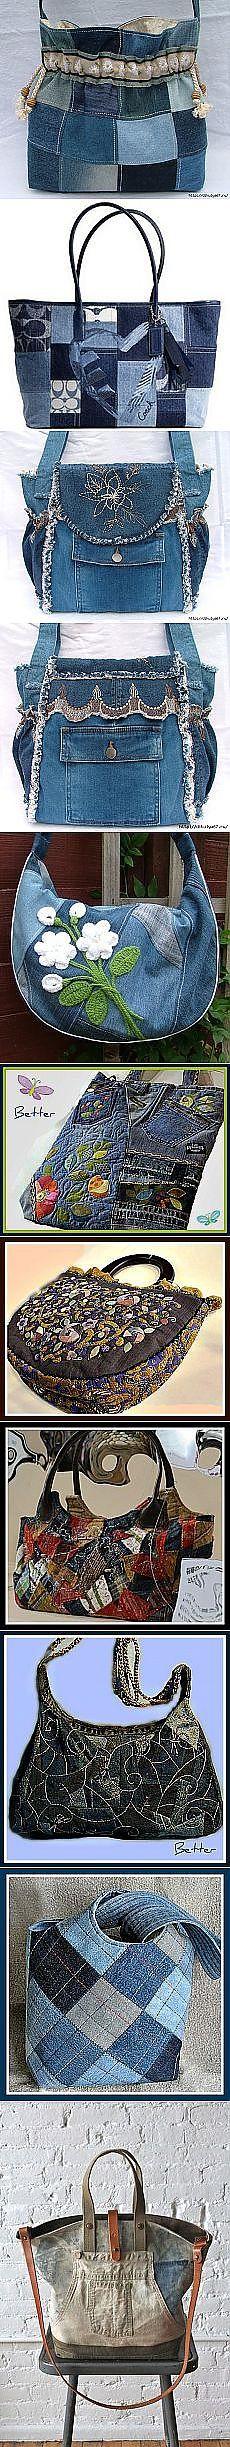 Beautiful denim bags